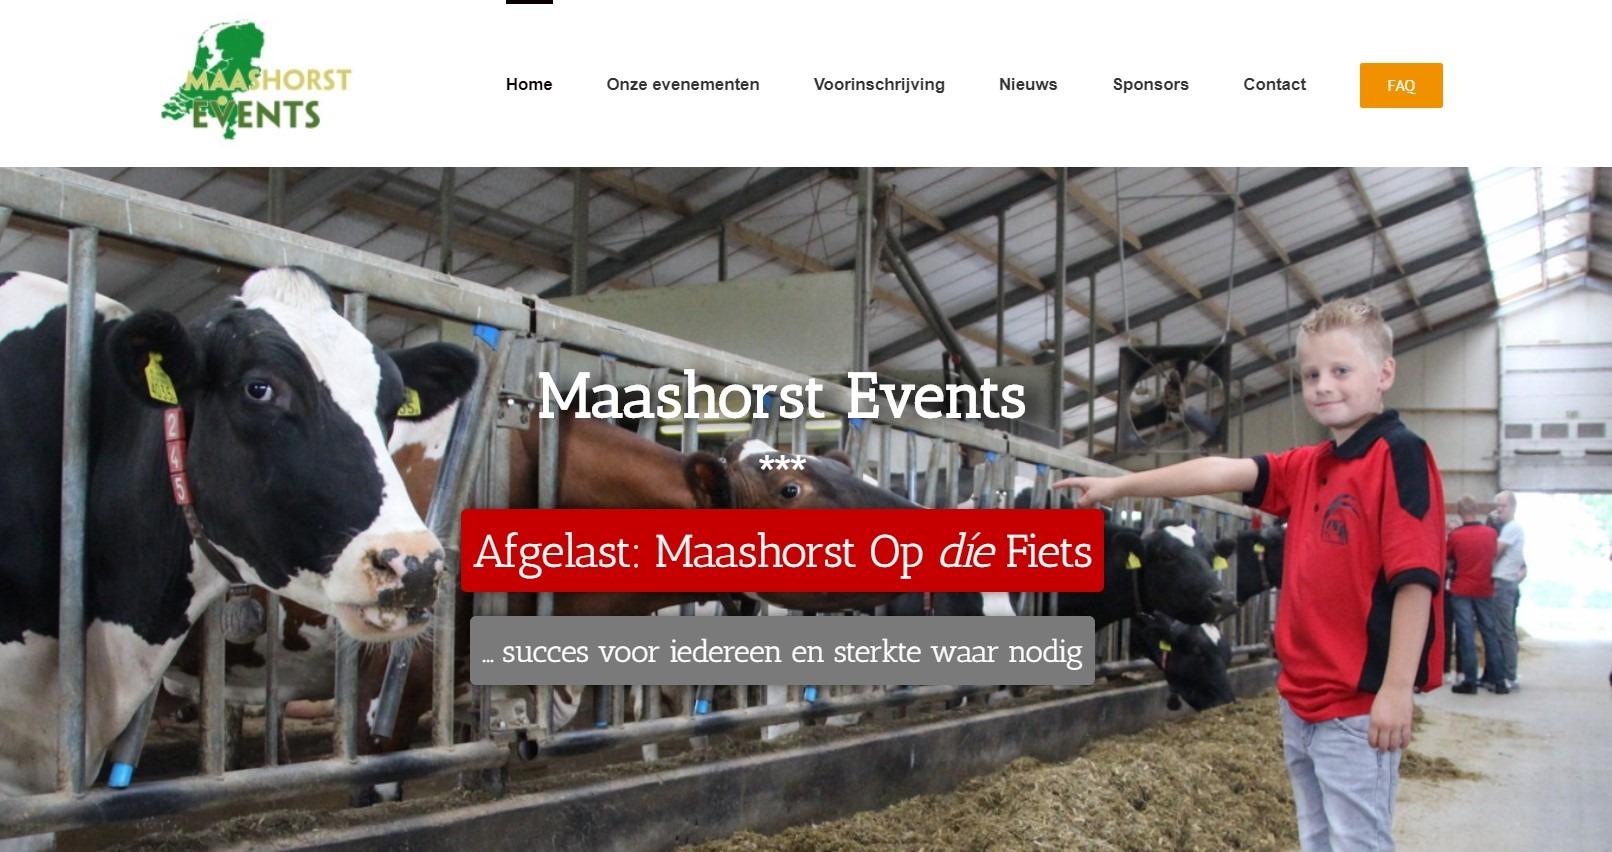 Maashorst Events